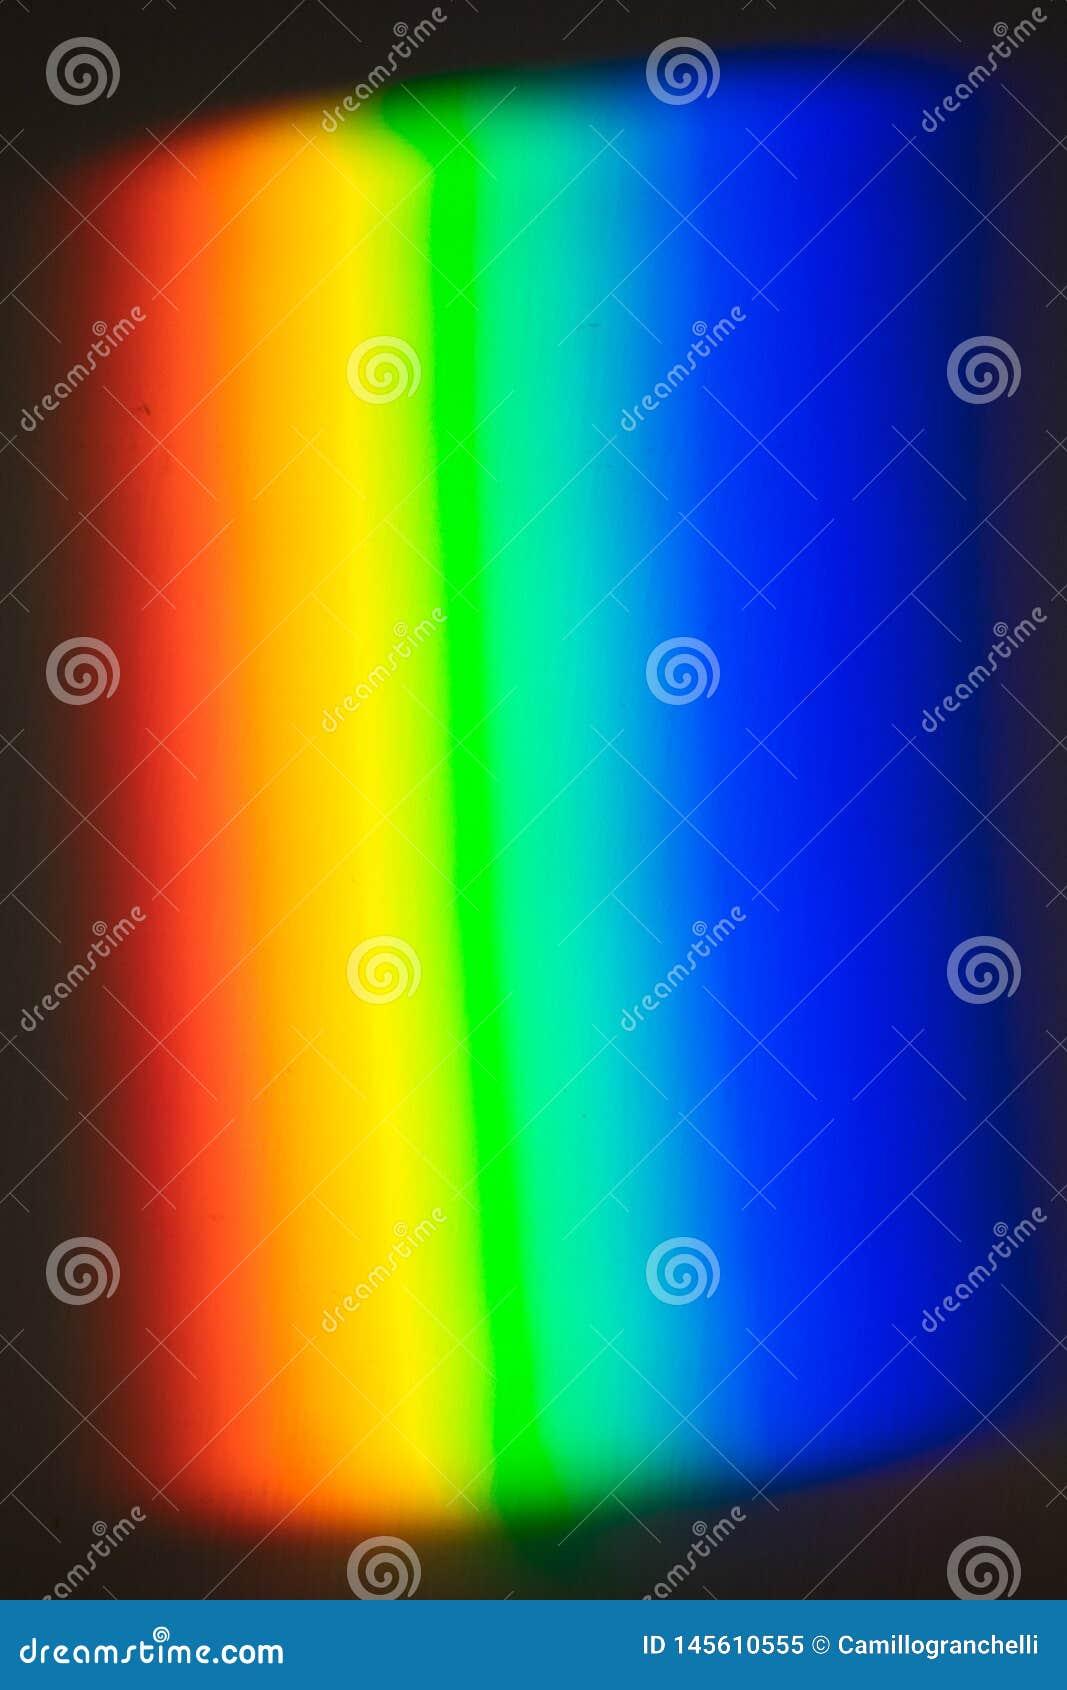 用棱镜创造的彩虹,在墙壁射出的光